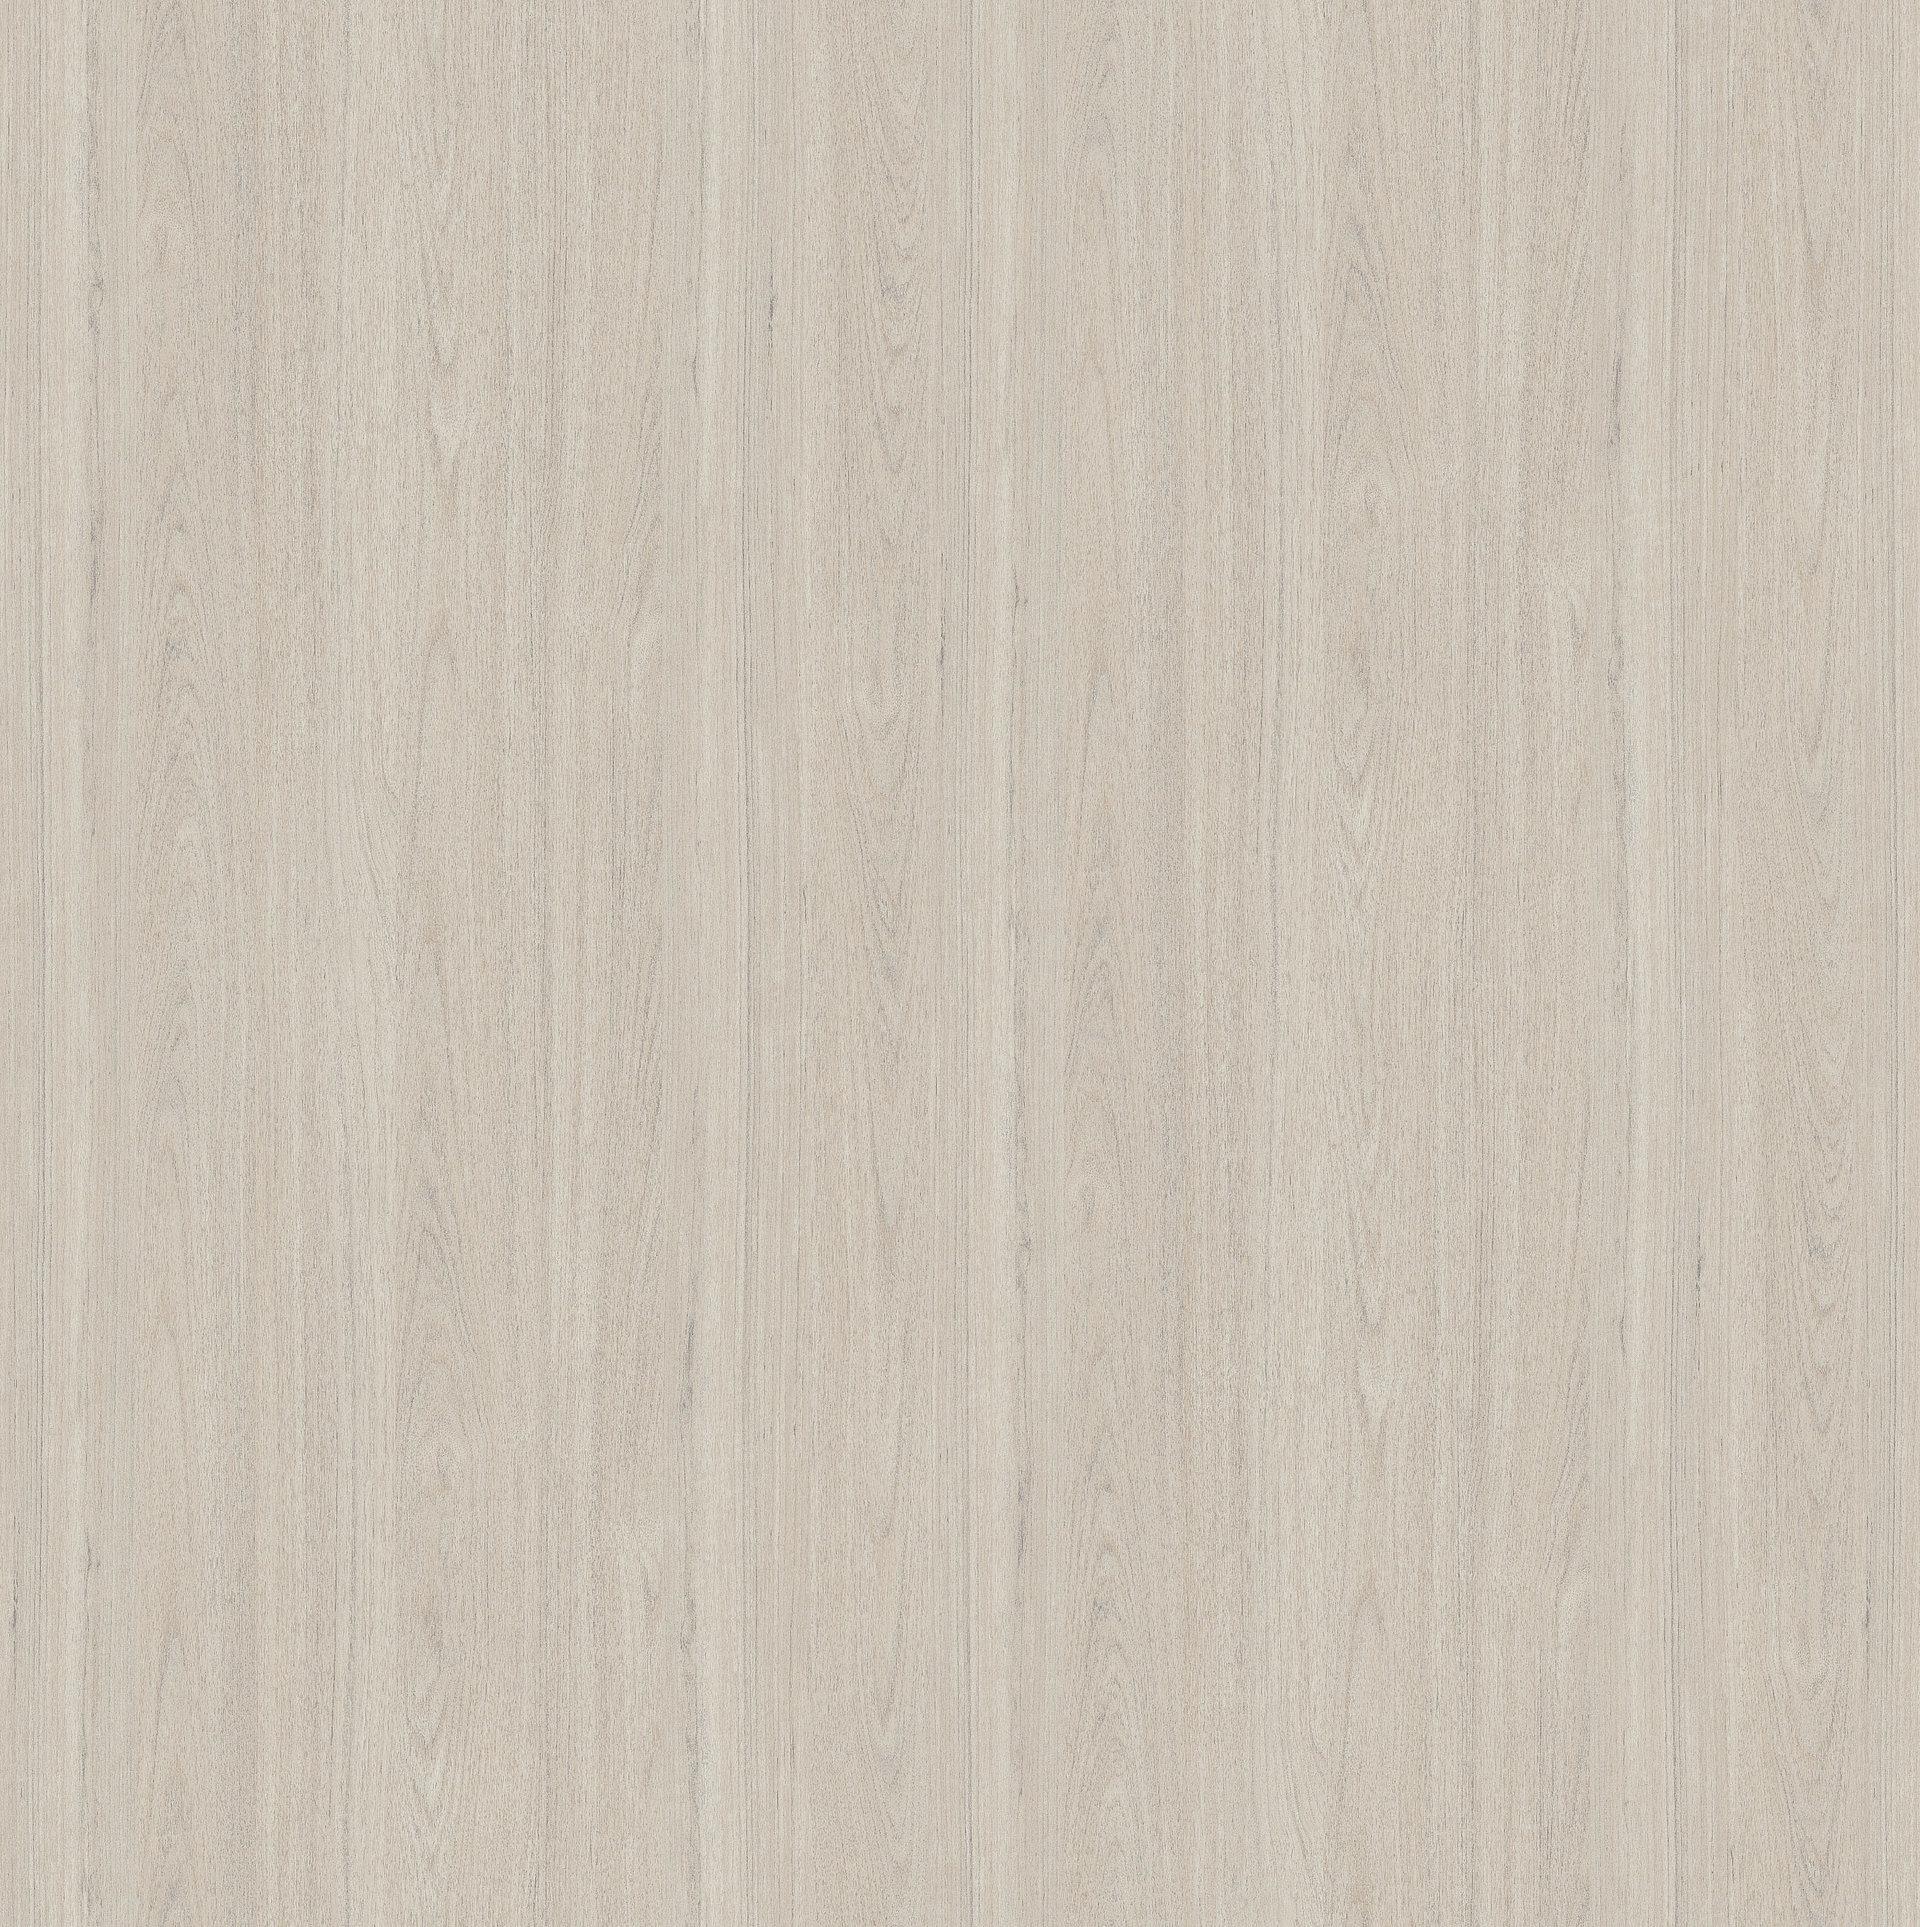 Blat narożny PB62 90°  - Nordic Teak R50094